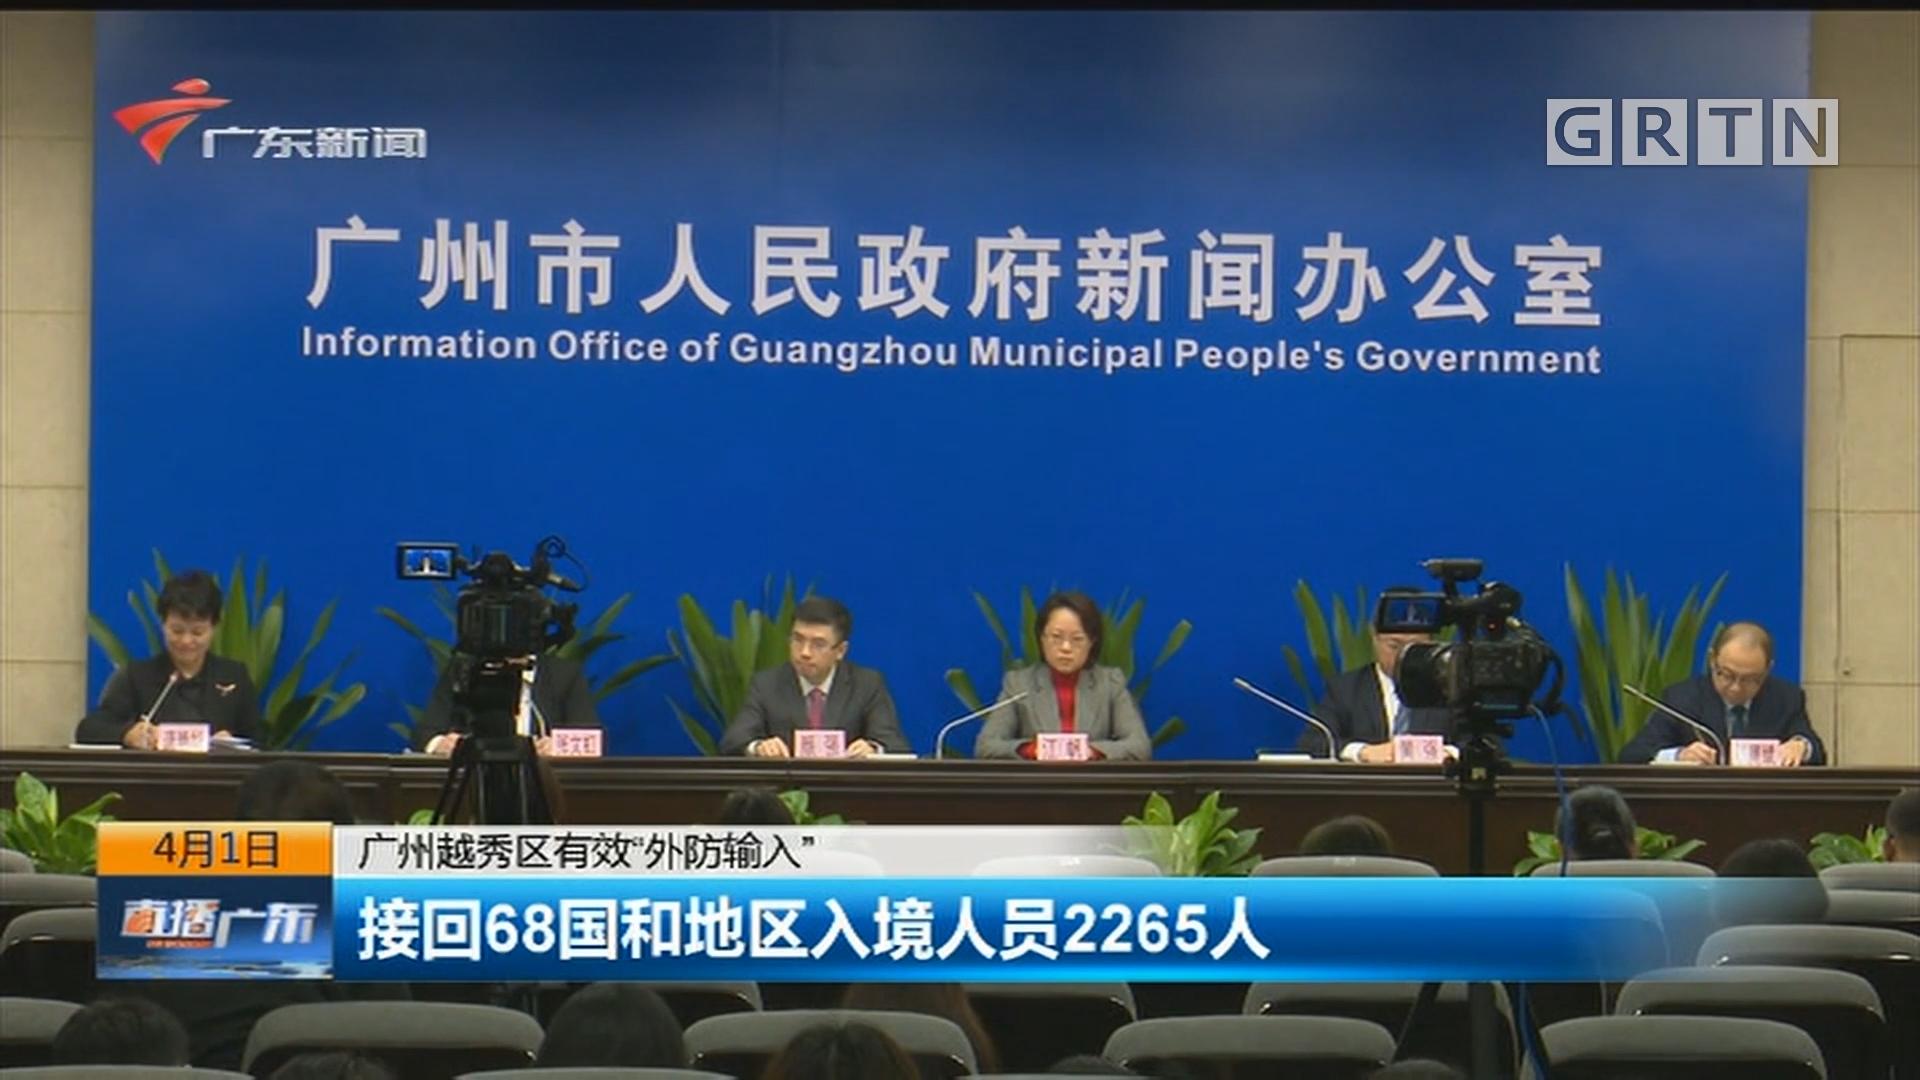 """广州越秀区有效""""外防输入"""" 接回68国和地区入境人员2265人"""